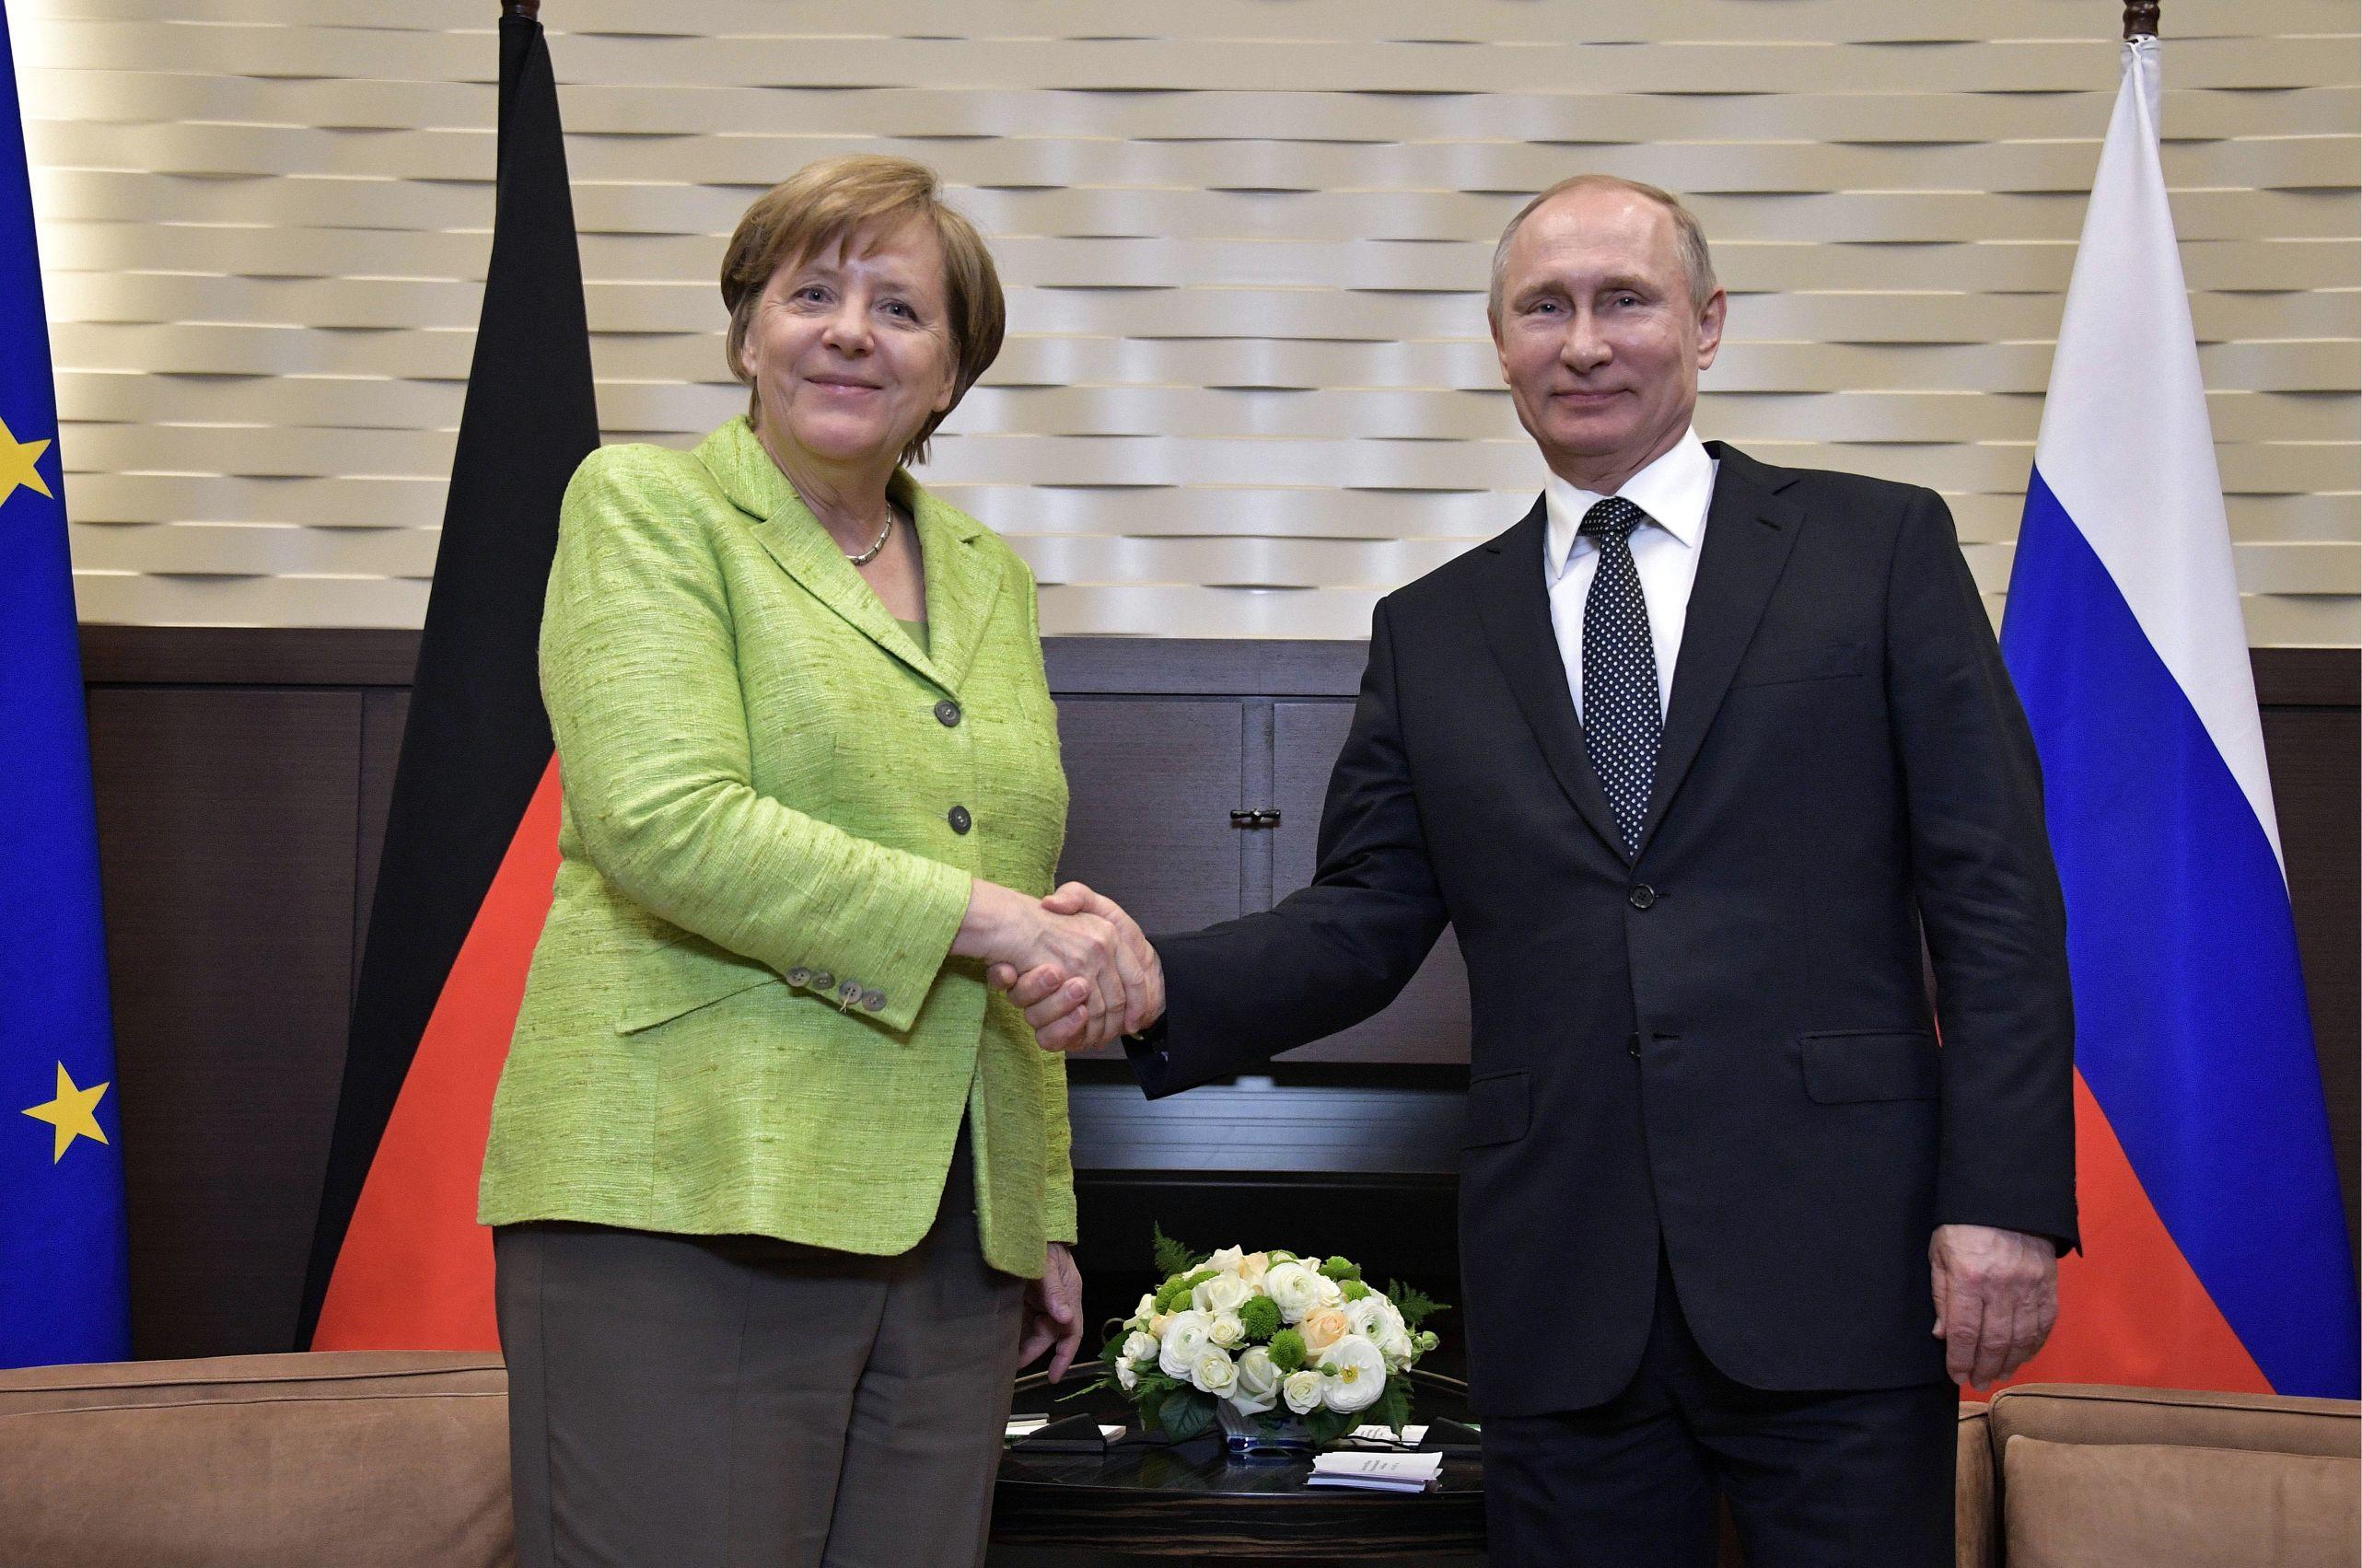 Немцы стали меньше доверять демократии в США и критичнее относиться к России